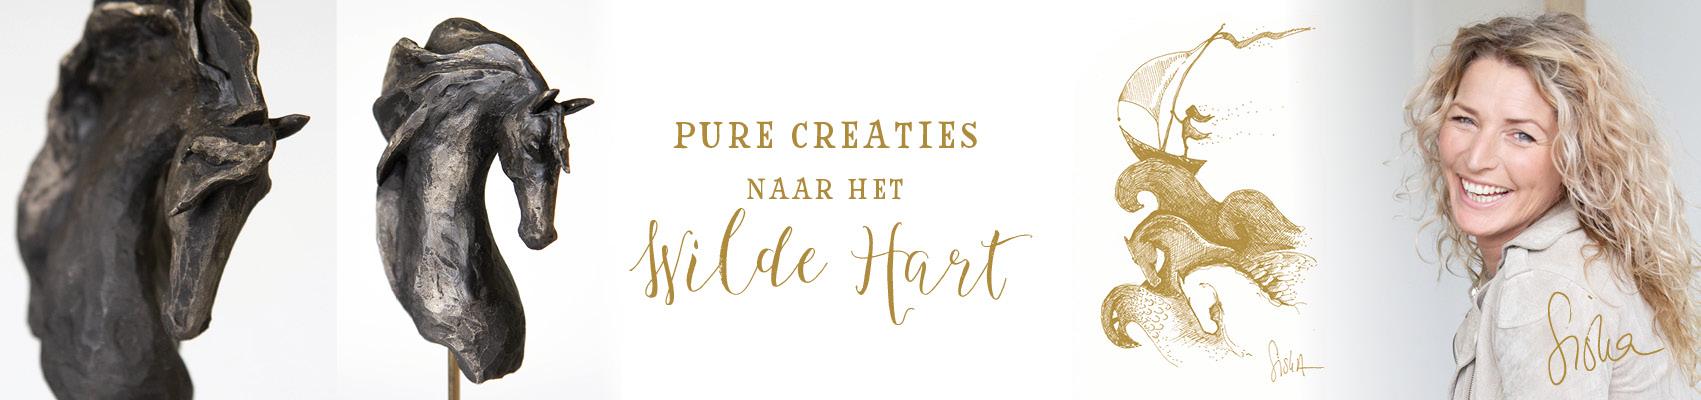 18_slider-purecreatie-1-wildehart